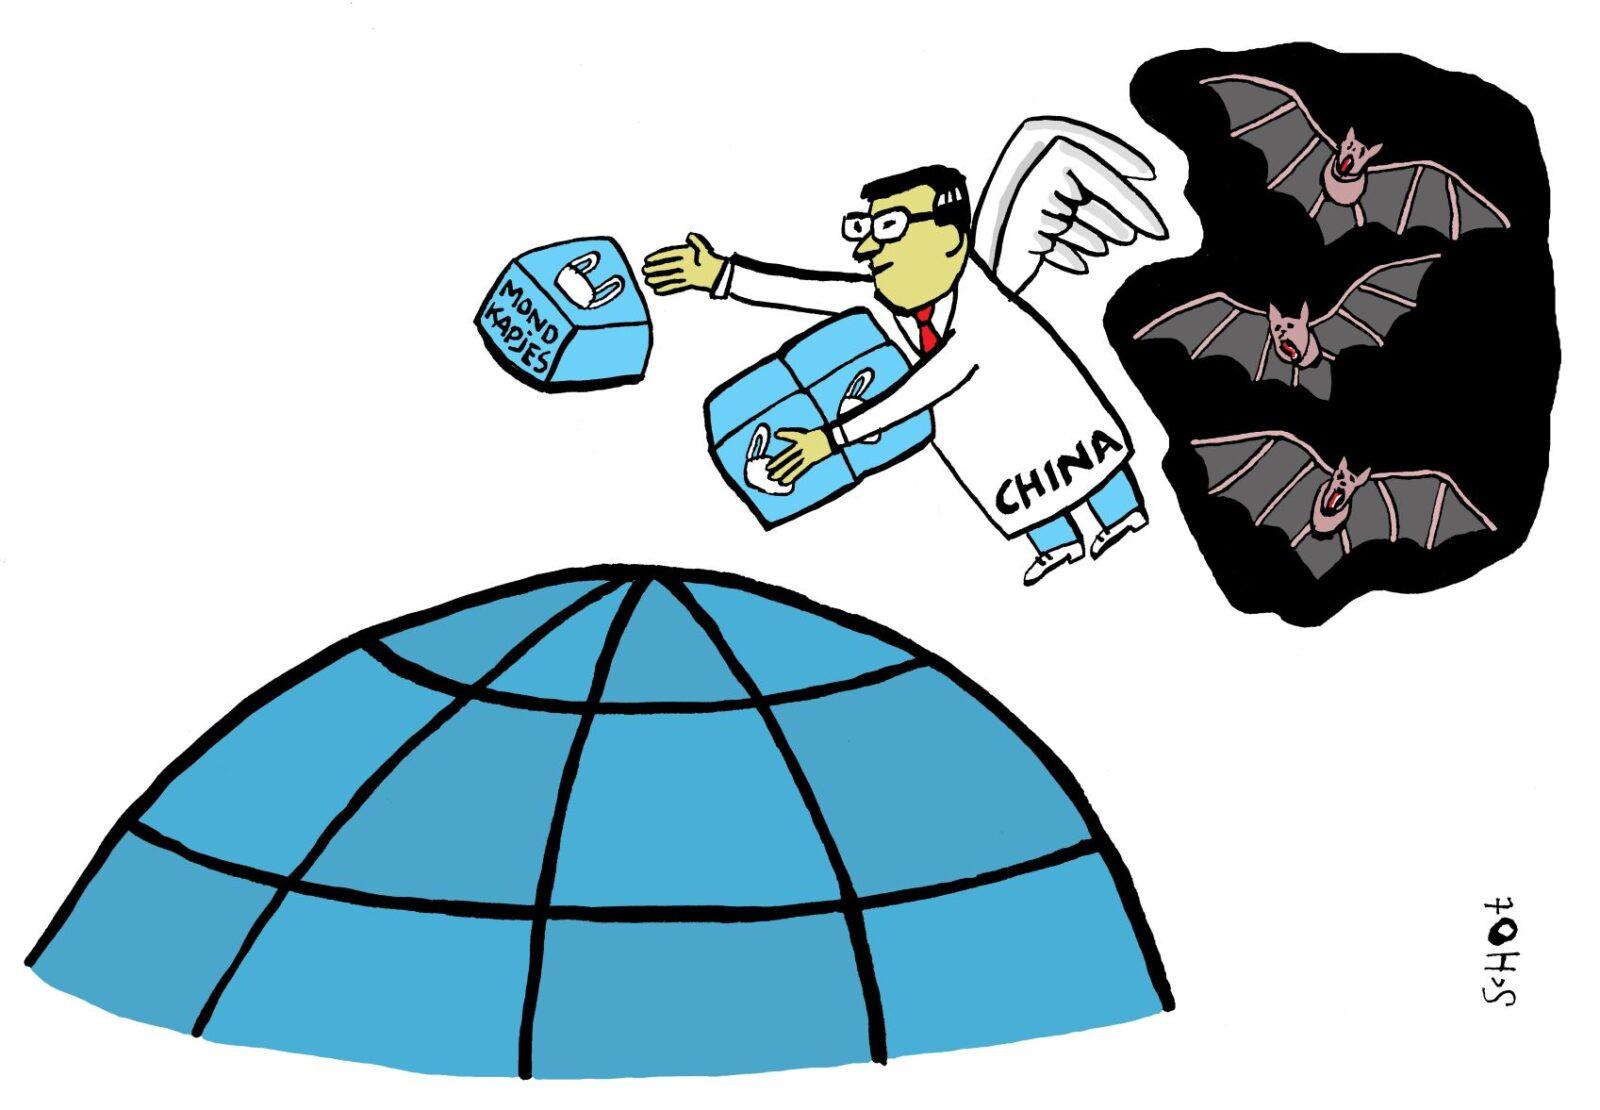 kwestie china corona vleermuis – bas van der schot